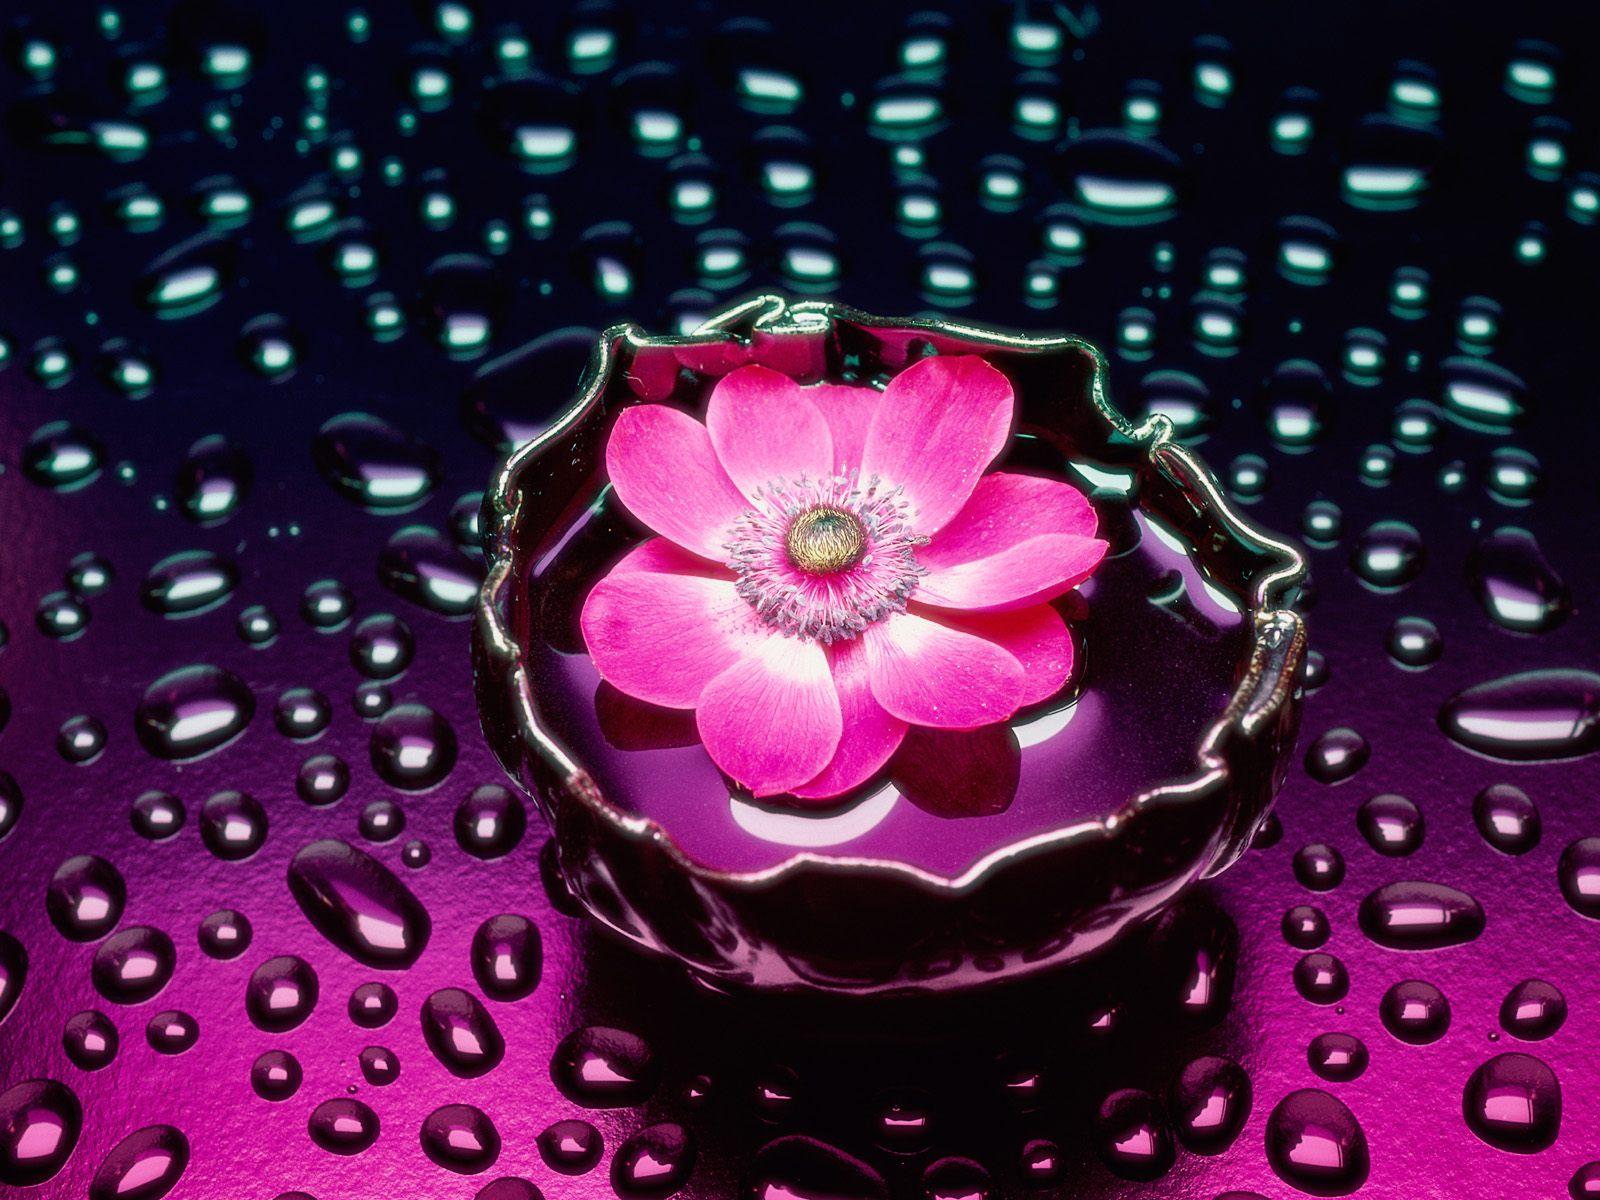 3D Pink Flower Wallpaper HD wallpapers   3D Pink Flower Wallpaper 1600x1200